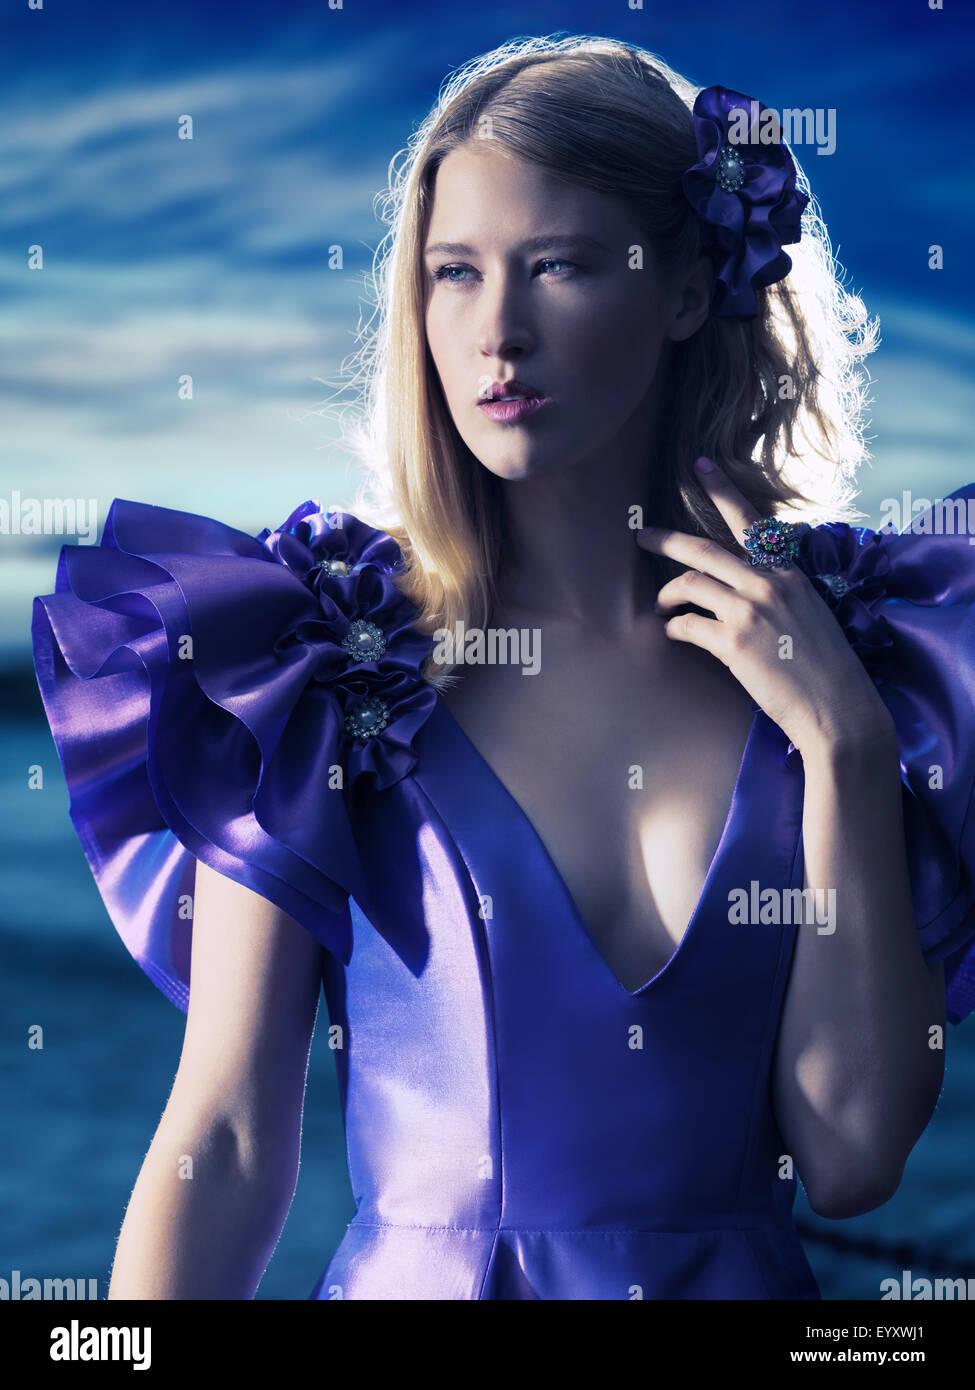 Schönheit-Porträt einer jungen schönen blonden Frau tragen eine blaue Abendkleid im freien Stockbild